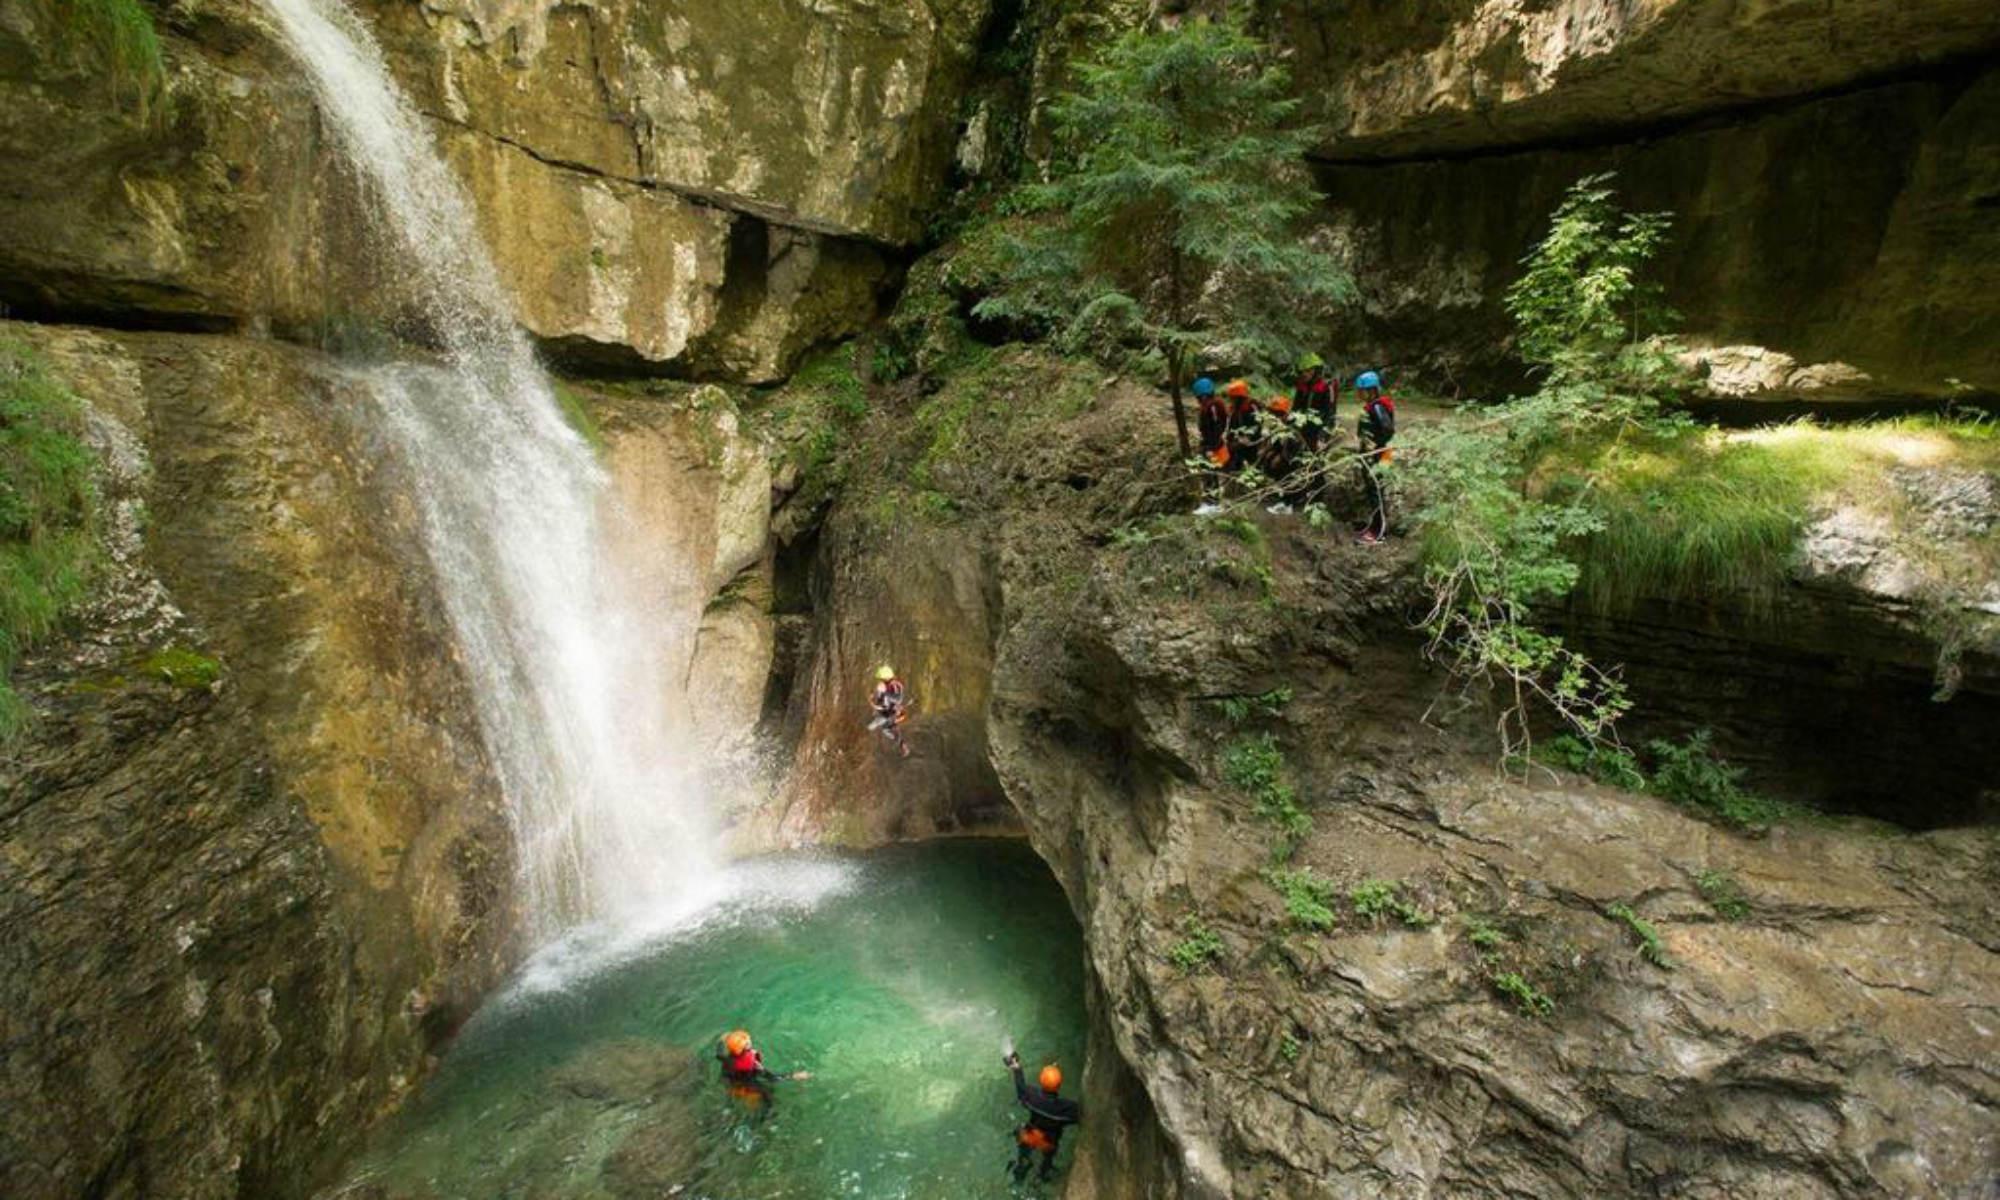 Eine Gruppe springt beim Canyoning am Gardasee in der Schlucht des Rio Neros von einem Felsen in ein Wasserbecken.